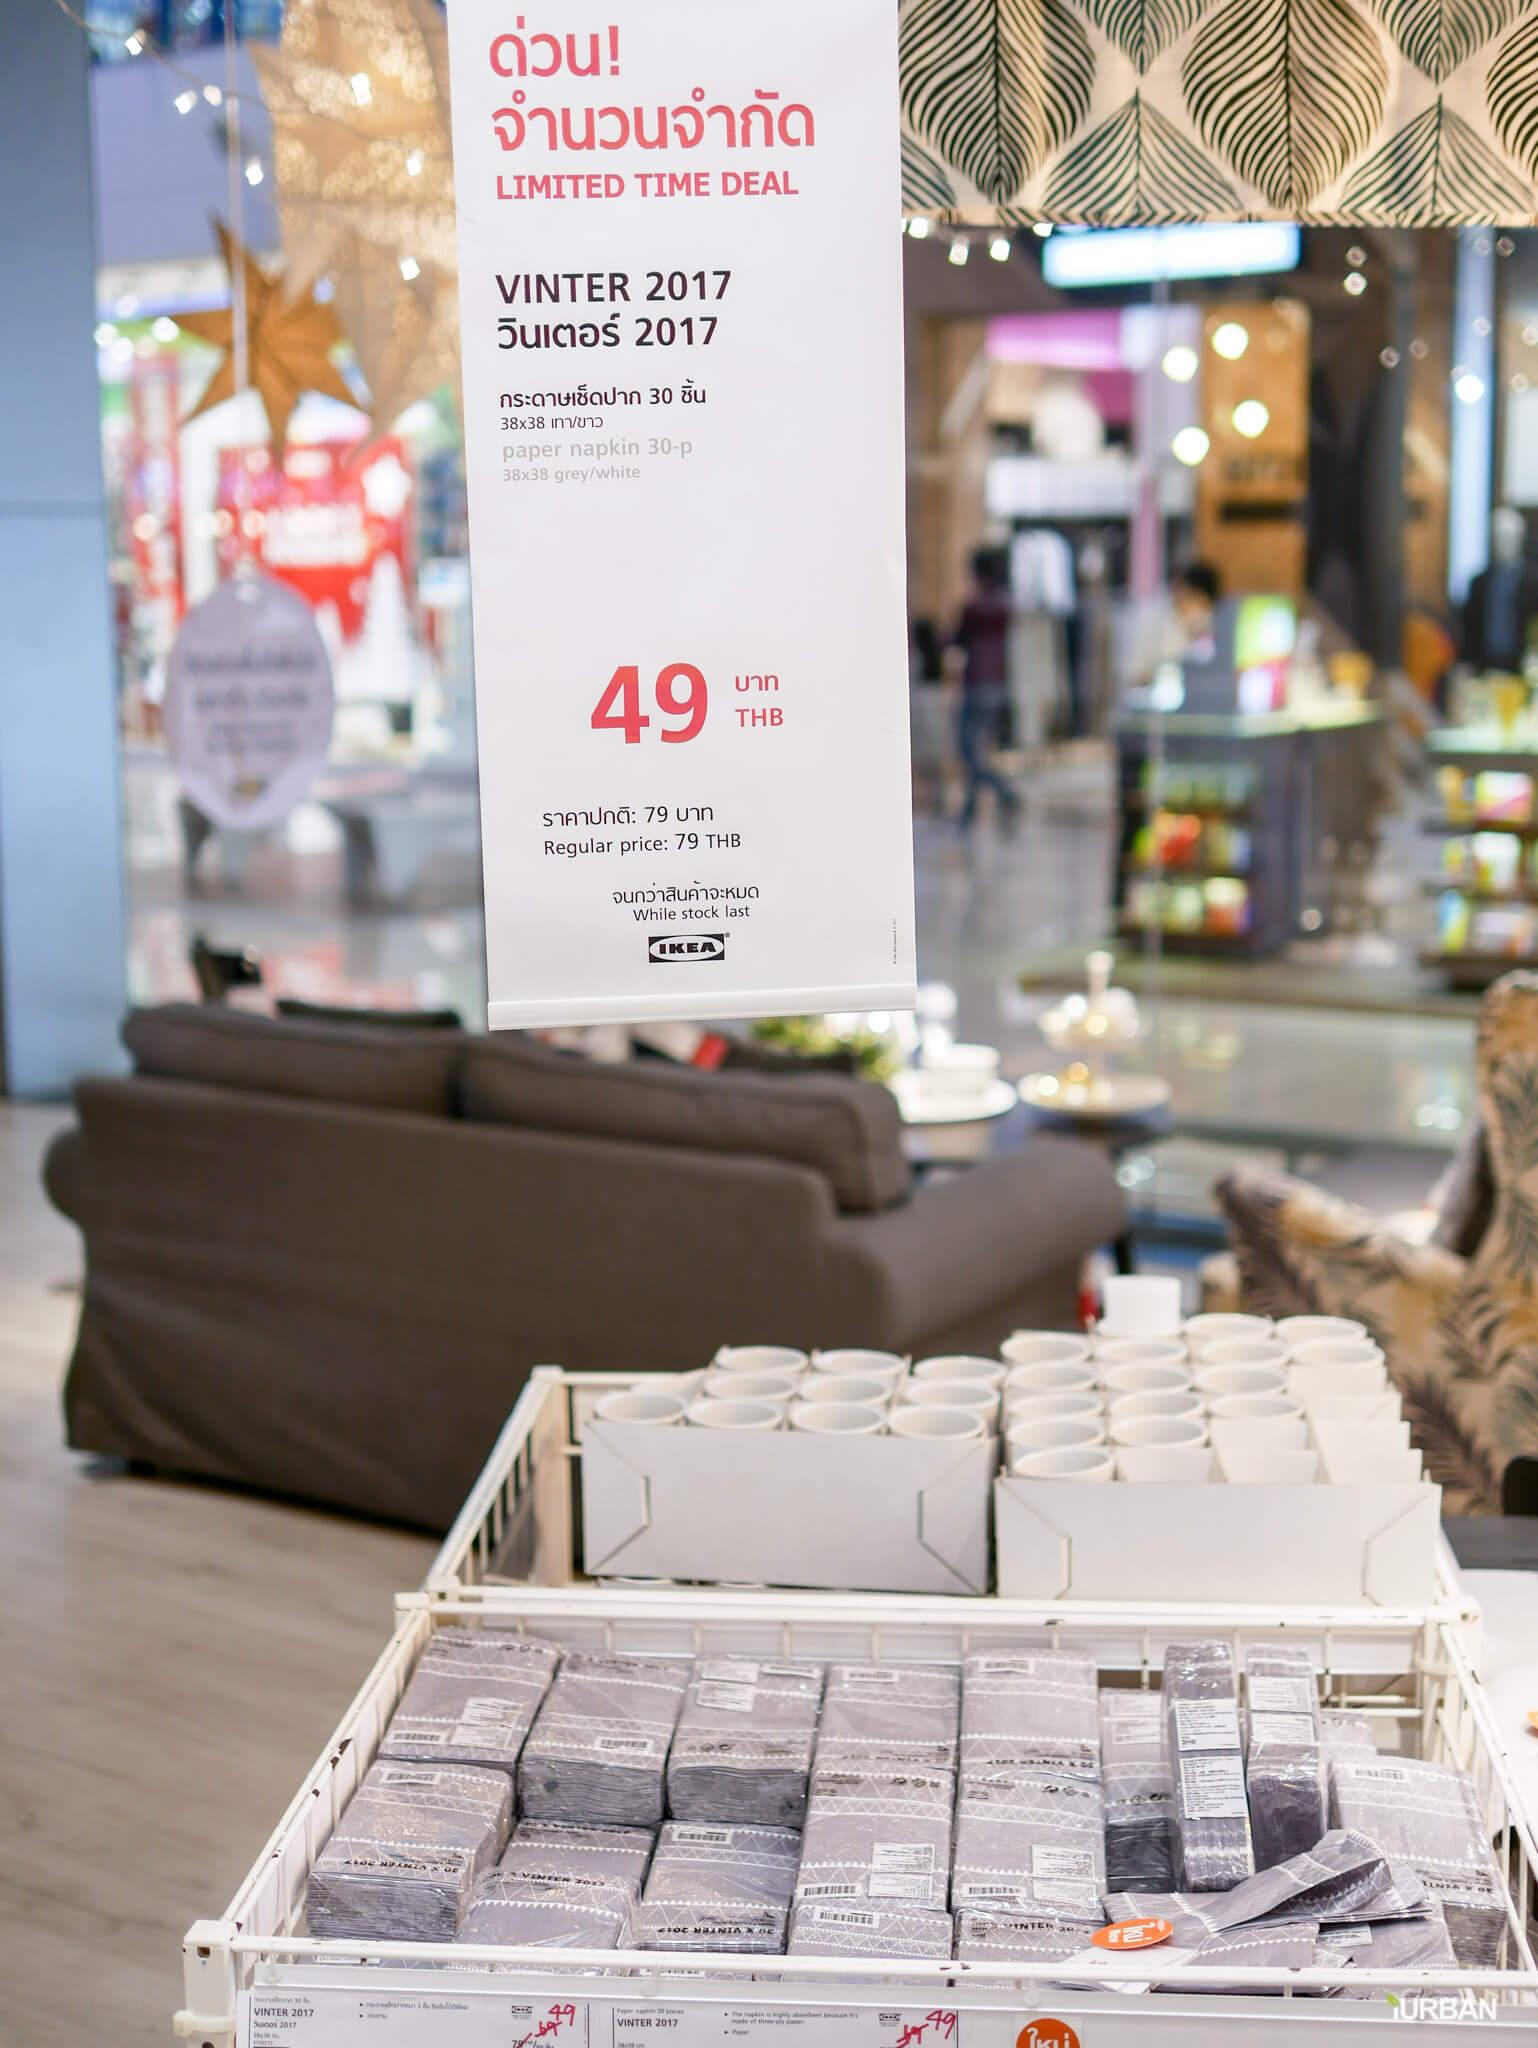 มันเยอะมากกกก!! IKEA Year End SALE 2017 รวมของเซลในอิเกีย ลดเยอะ ลดแหลก รีบพุ่งตัวไป วันนี้ - 7 มกราคม 61 135 - IKEA (อิเกีย)